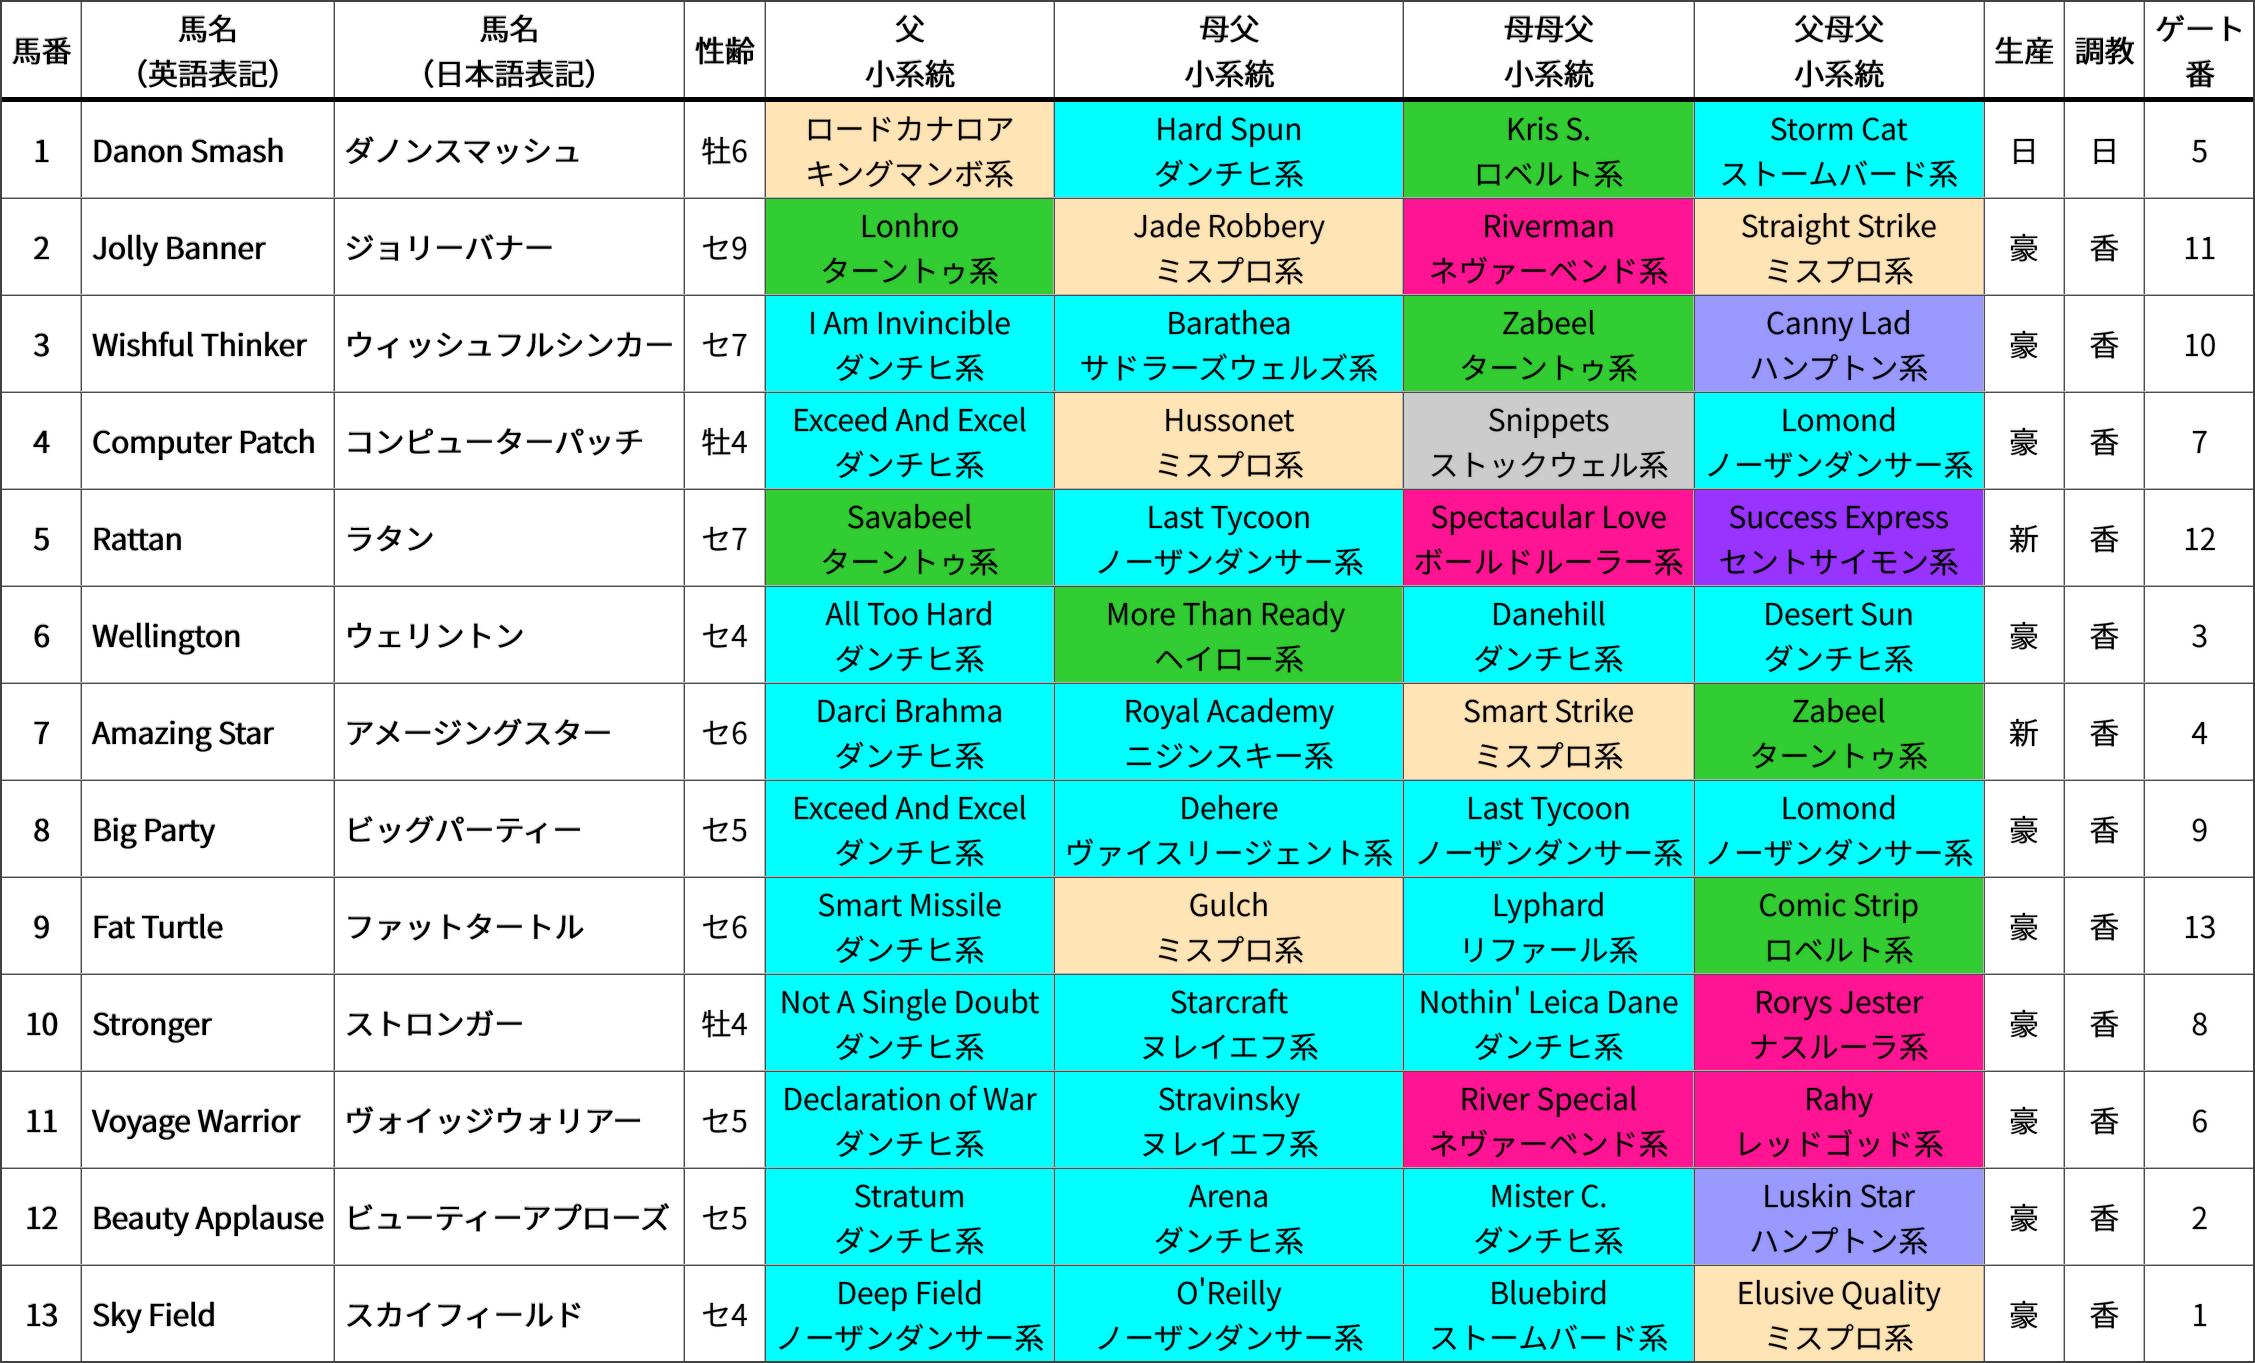 チェアマンズスプリントプライズ(芝1200m 日本時間15:50発走) 出走馬の血統&系統表